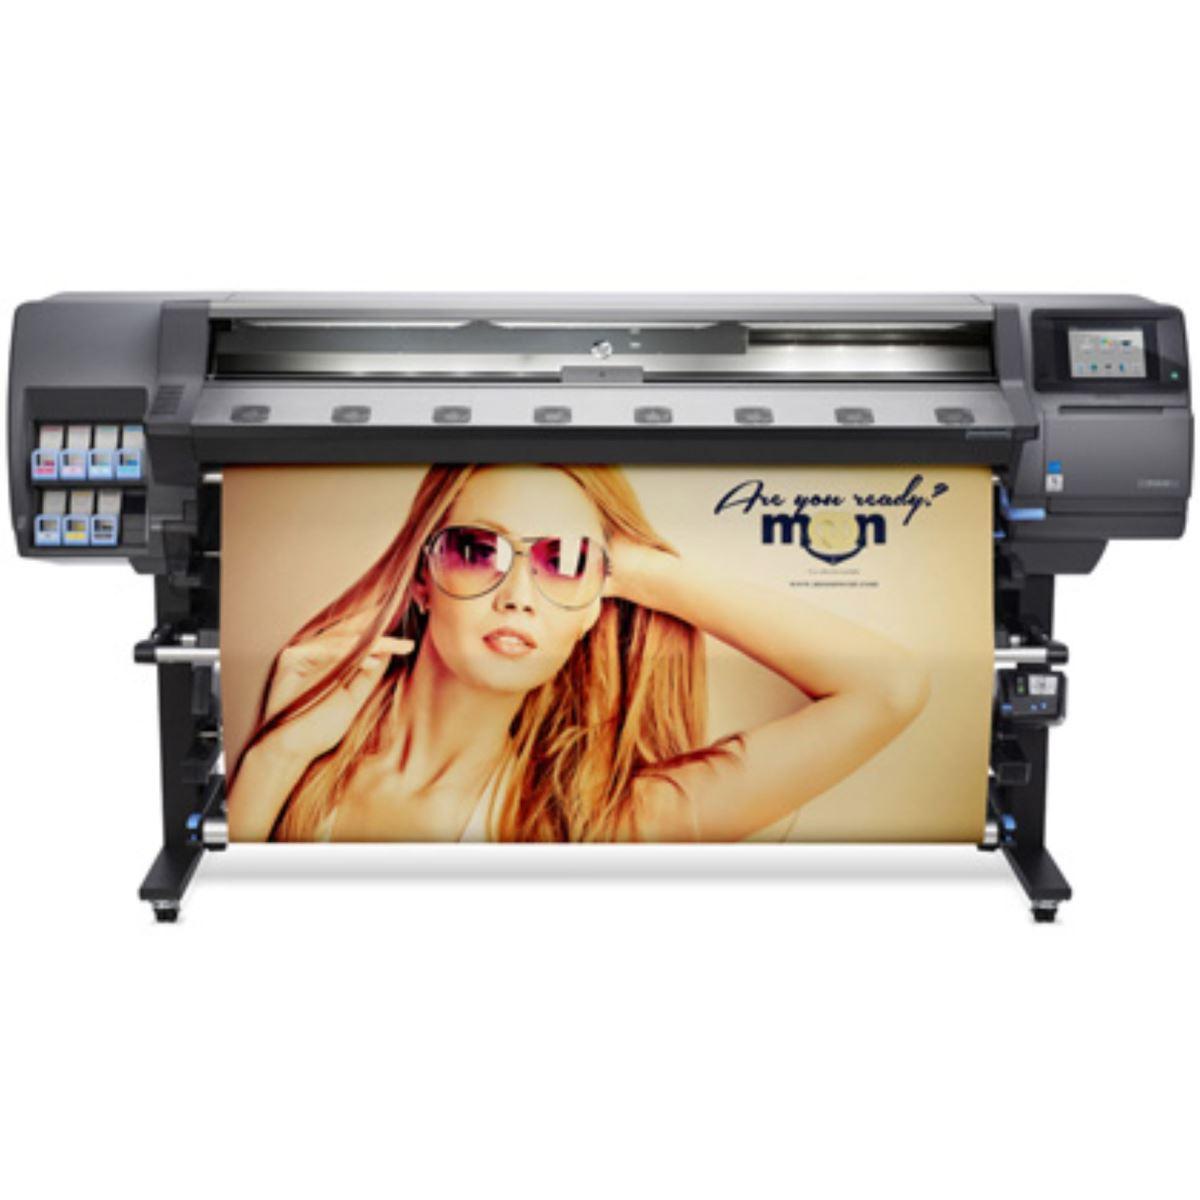 eyeCatcher Digitaldruck